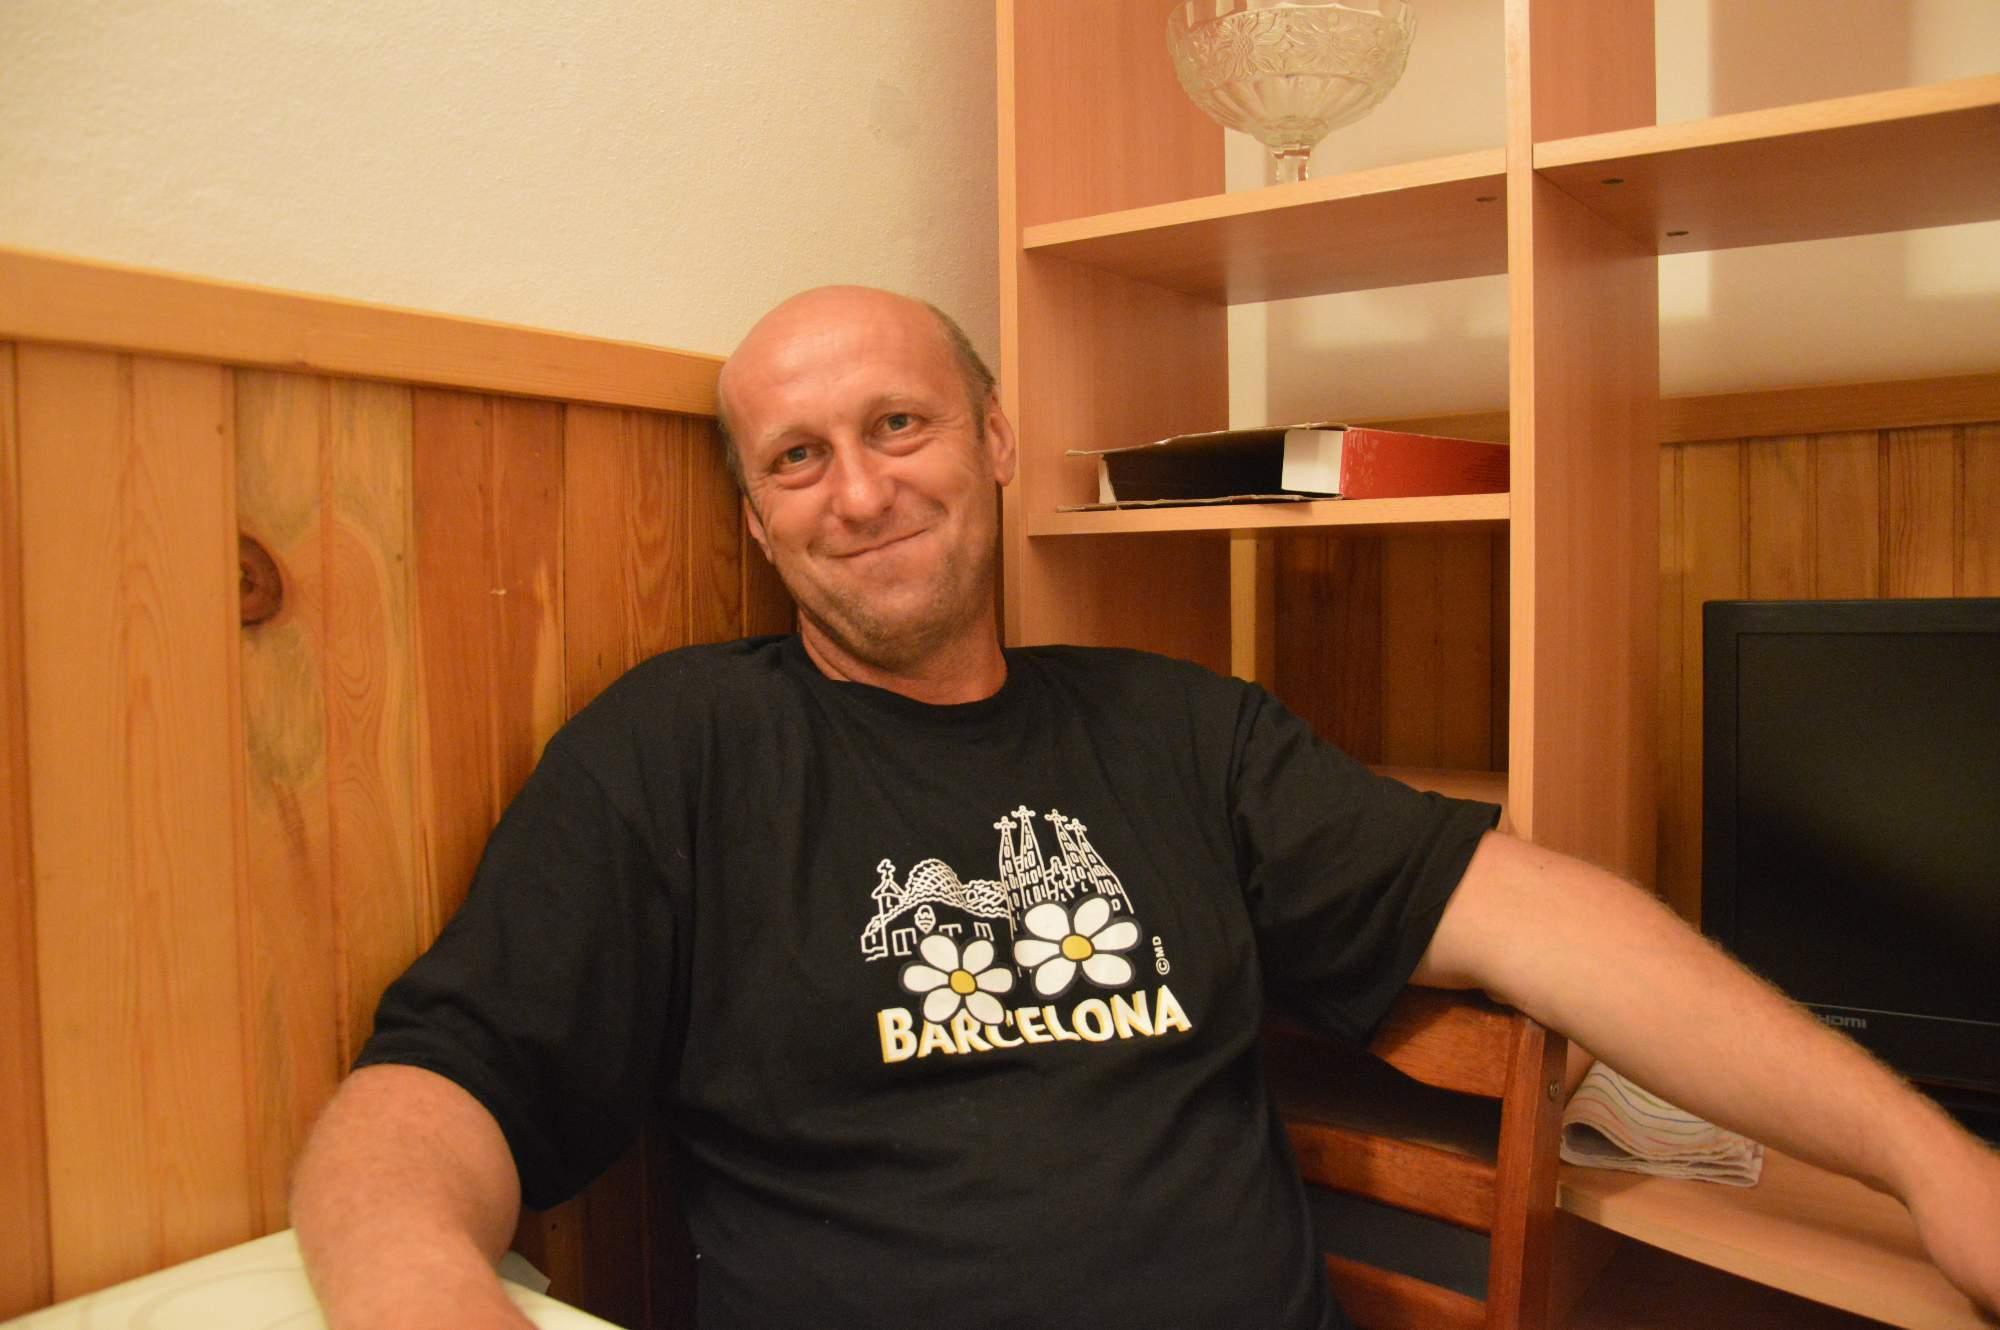 http://img19.rajce.idnes.cz/d1902/11/11369/11369498_ba1b1cc51aa2b100ecd01c05fe1b9075/images/DSC_0816.jpg